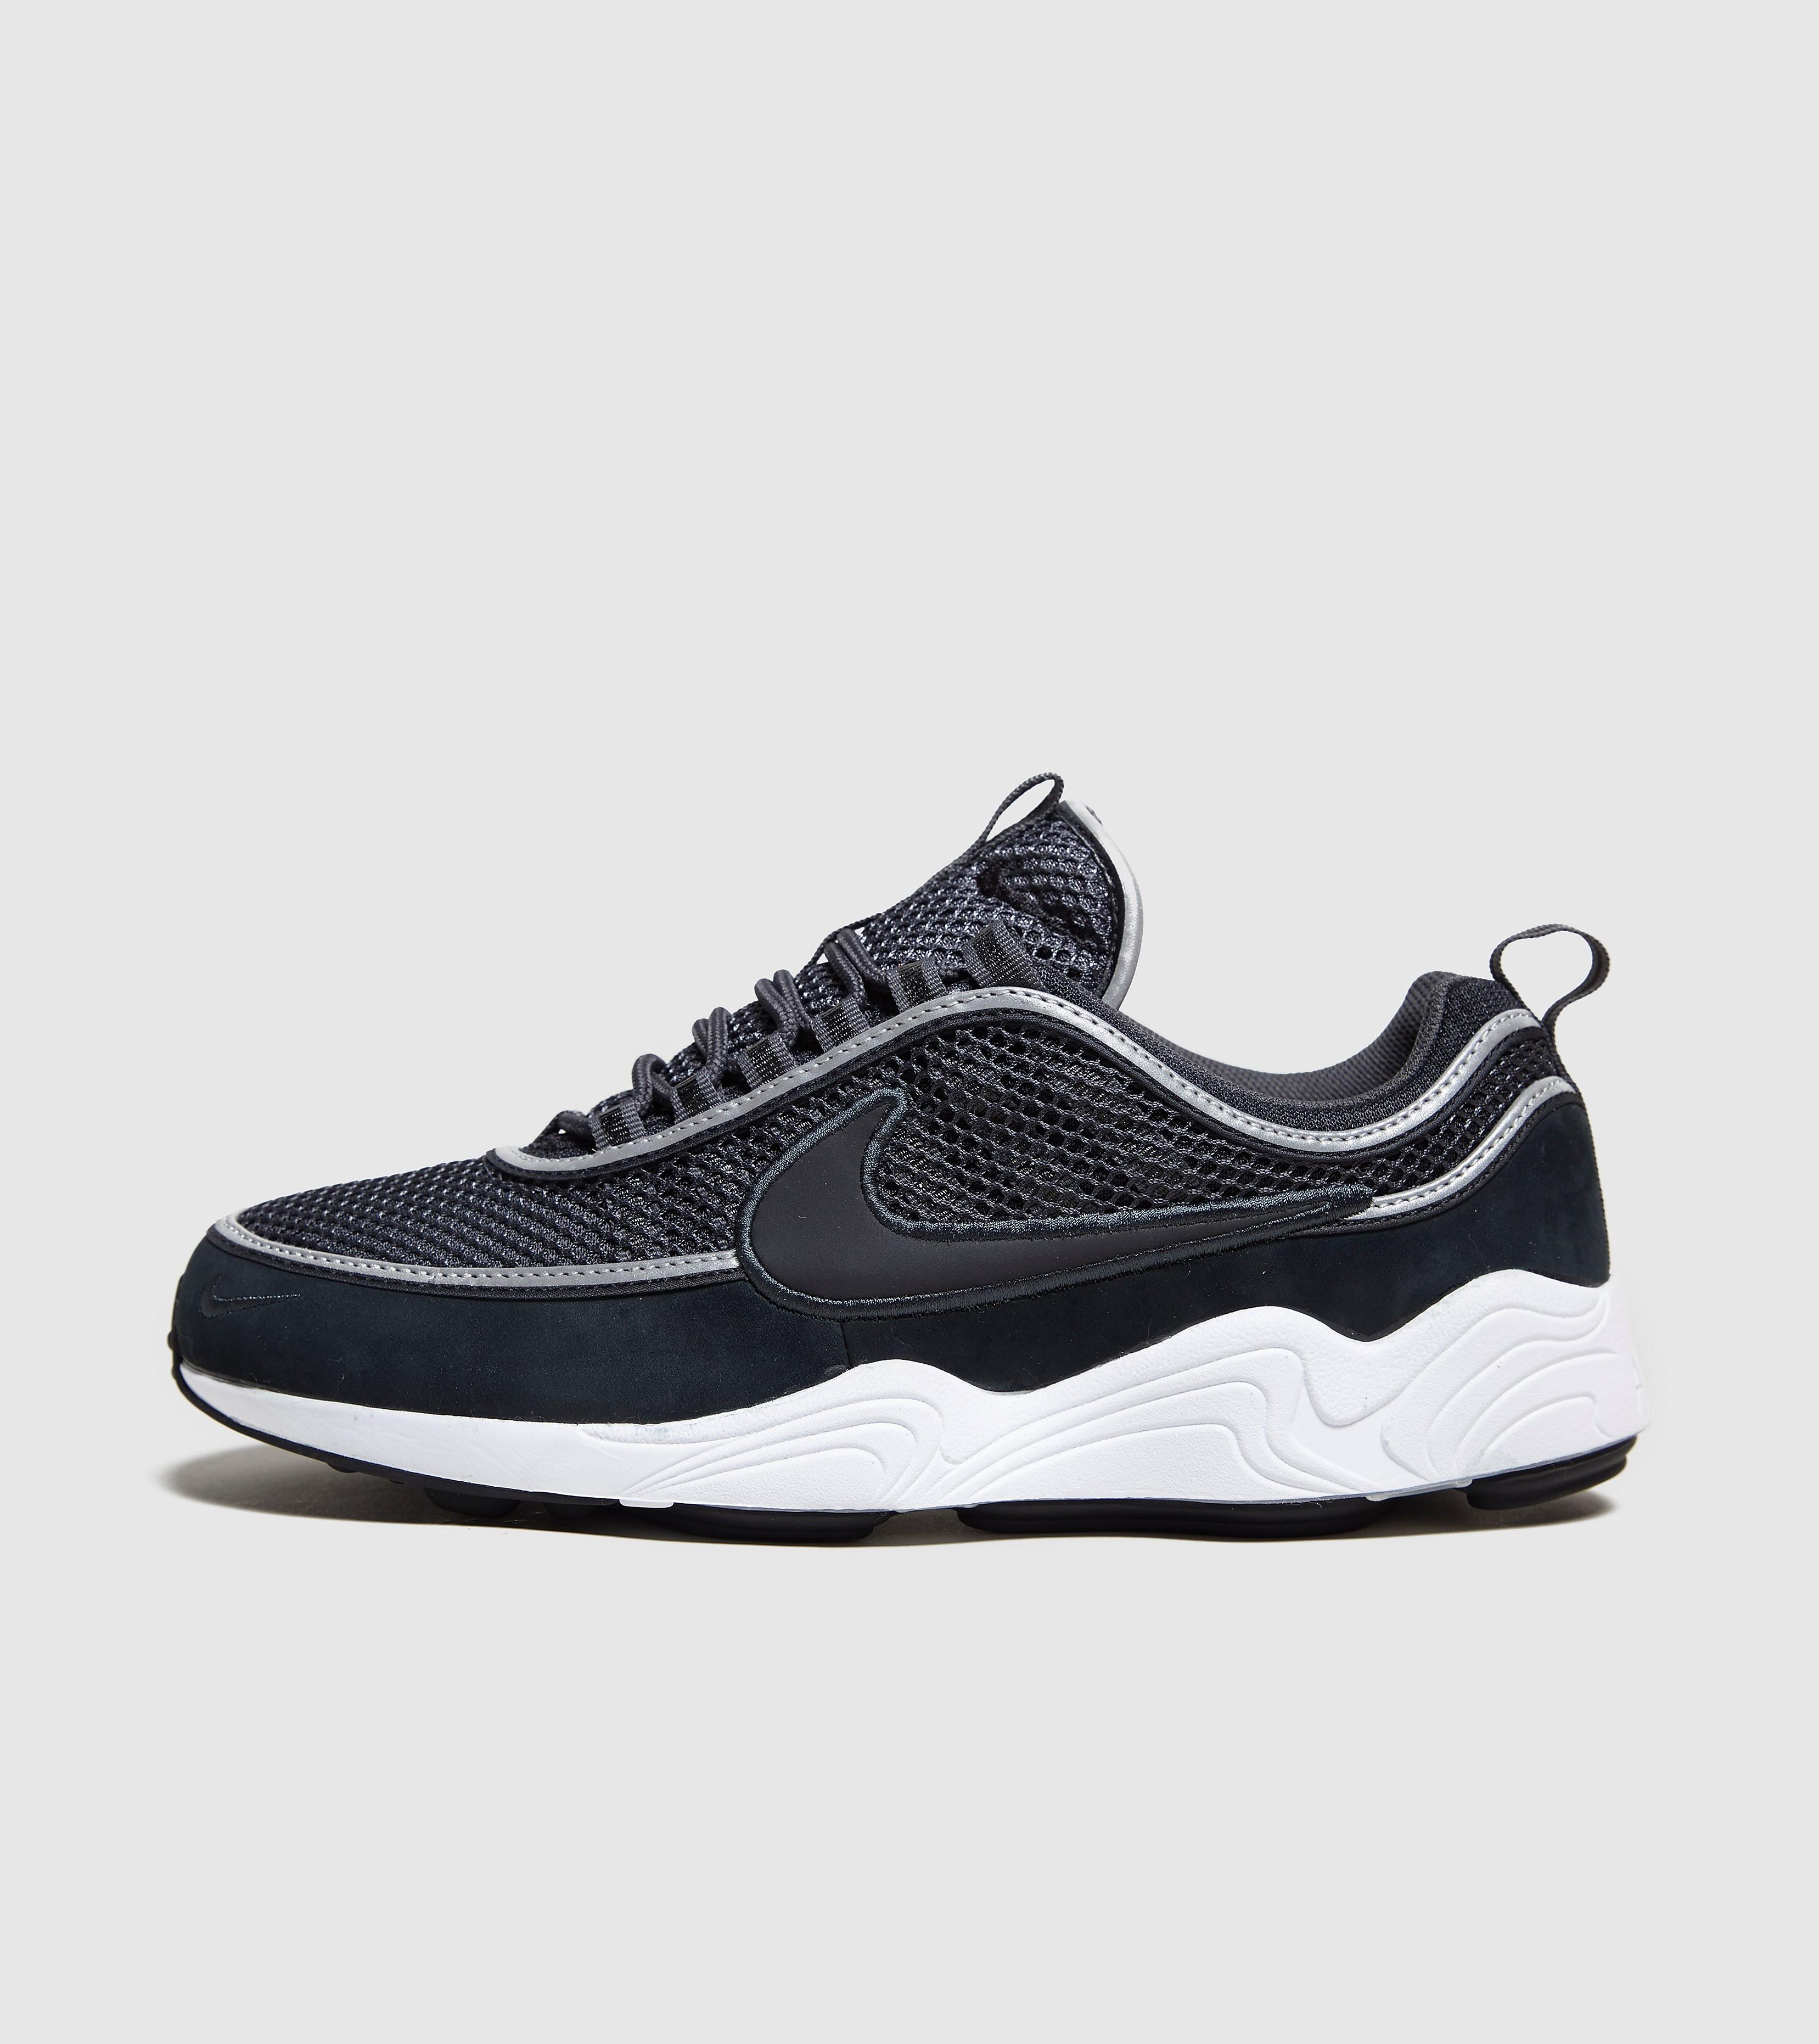 Nike Air Spiridon QS